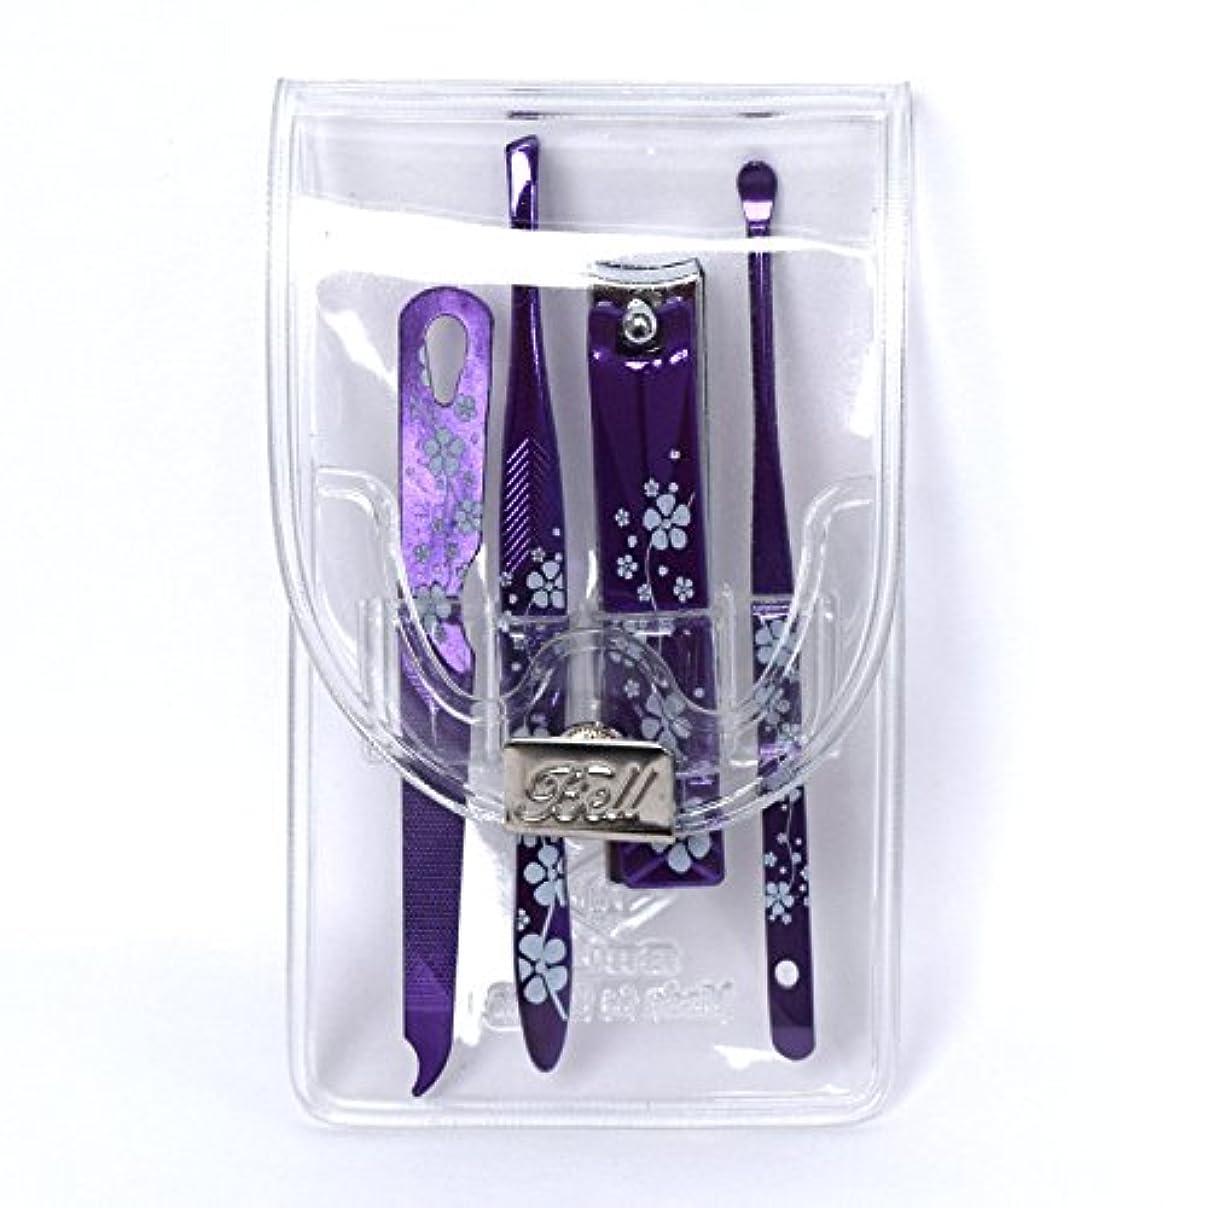 ドラマいっぱいアーティファクトBELL Manicure Sets BM-991C ポータブル爪ケアセットトラベル爪切りセットステンレス鋼の失速構成透明高周波ケースPortable Nail Clippers Nail Care Set